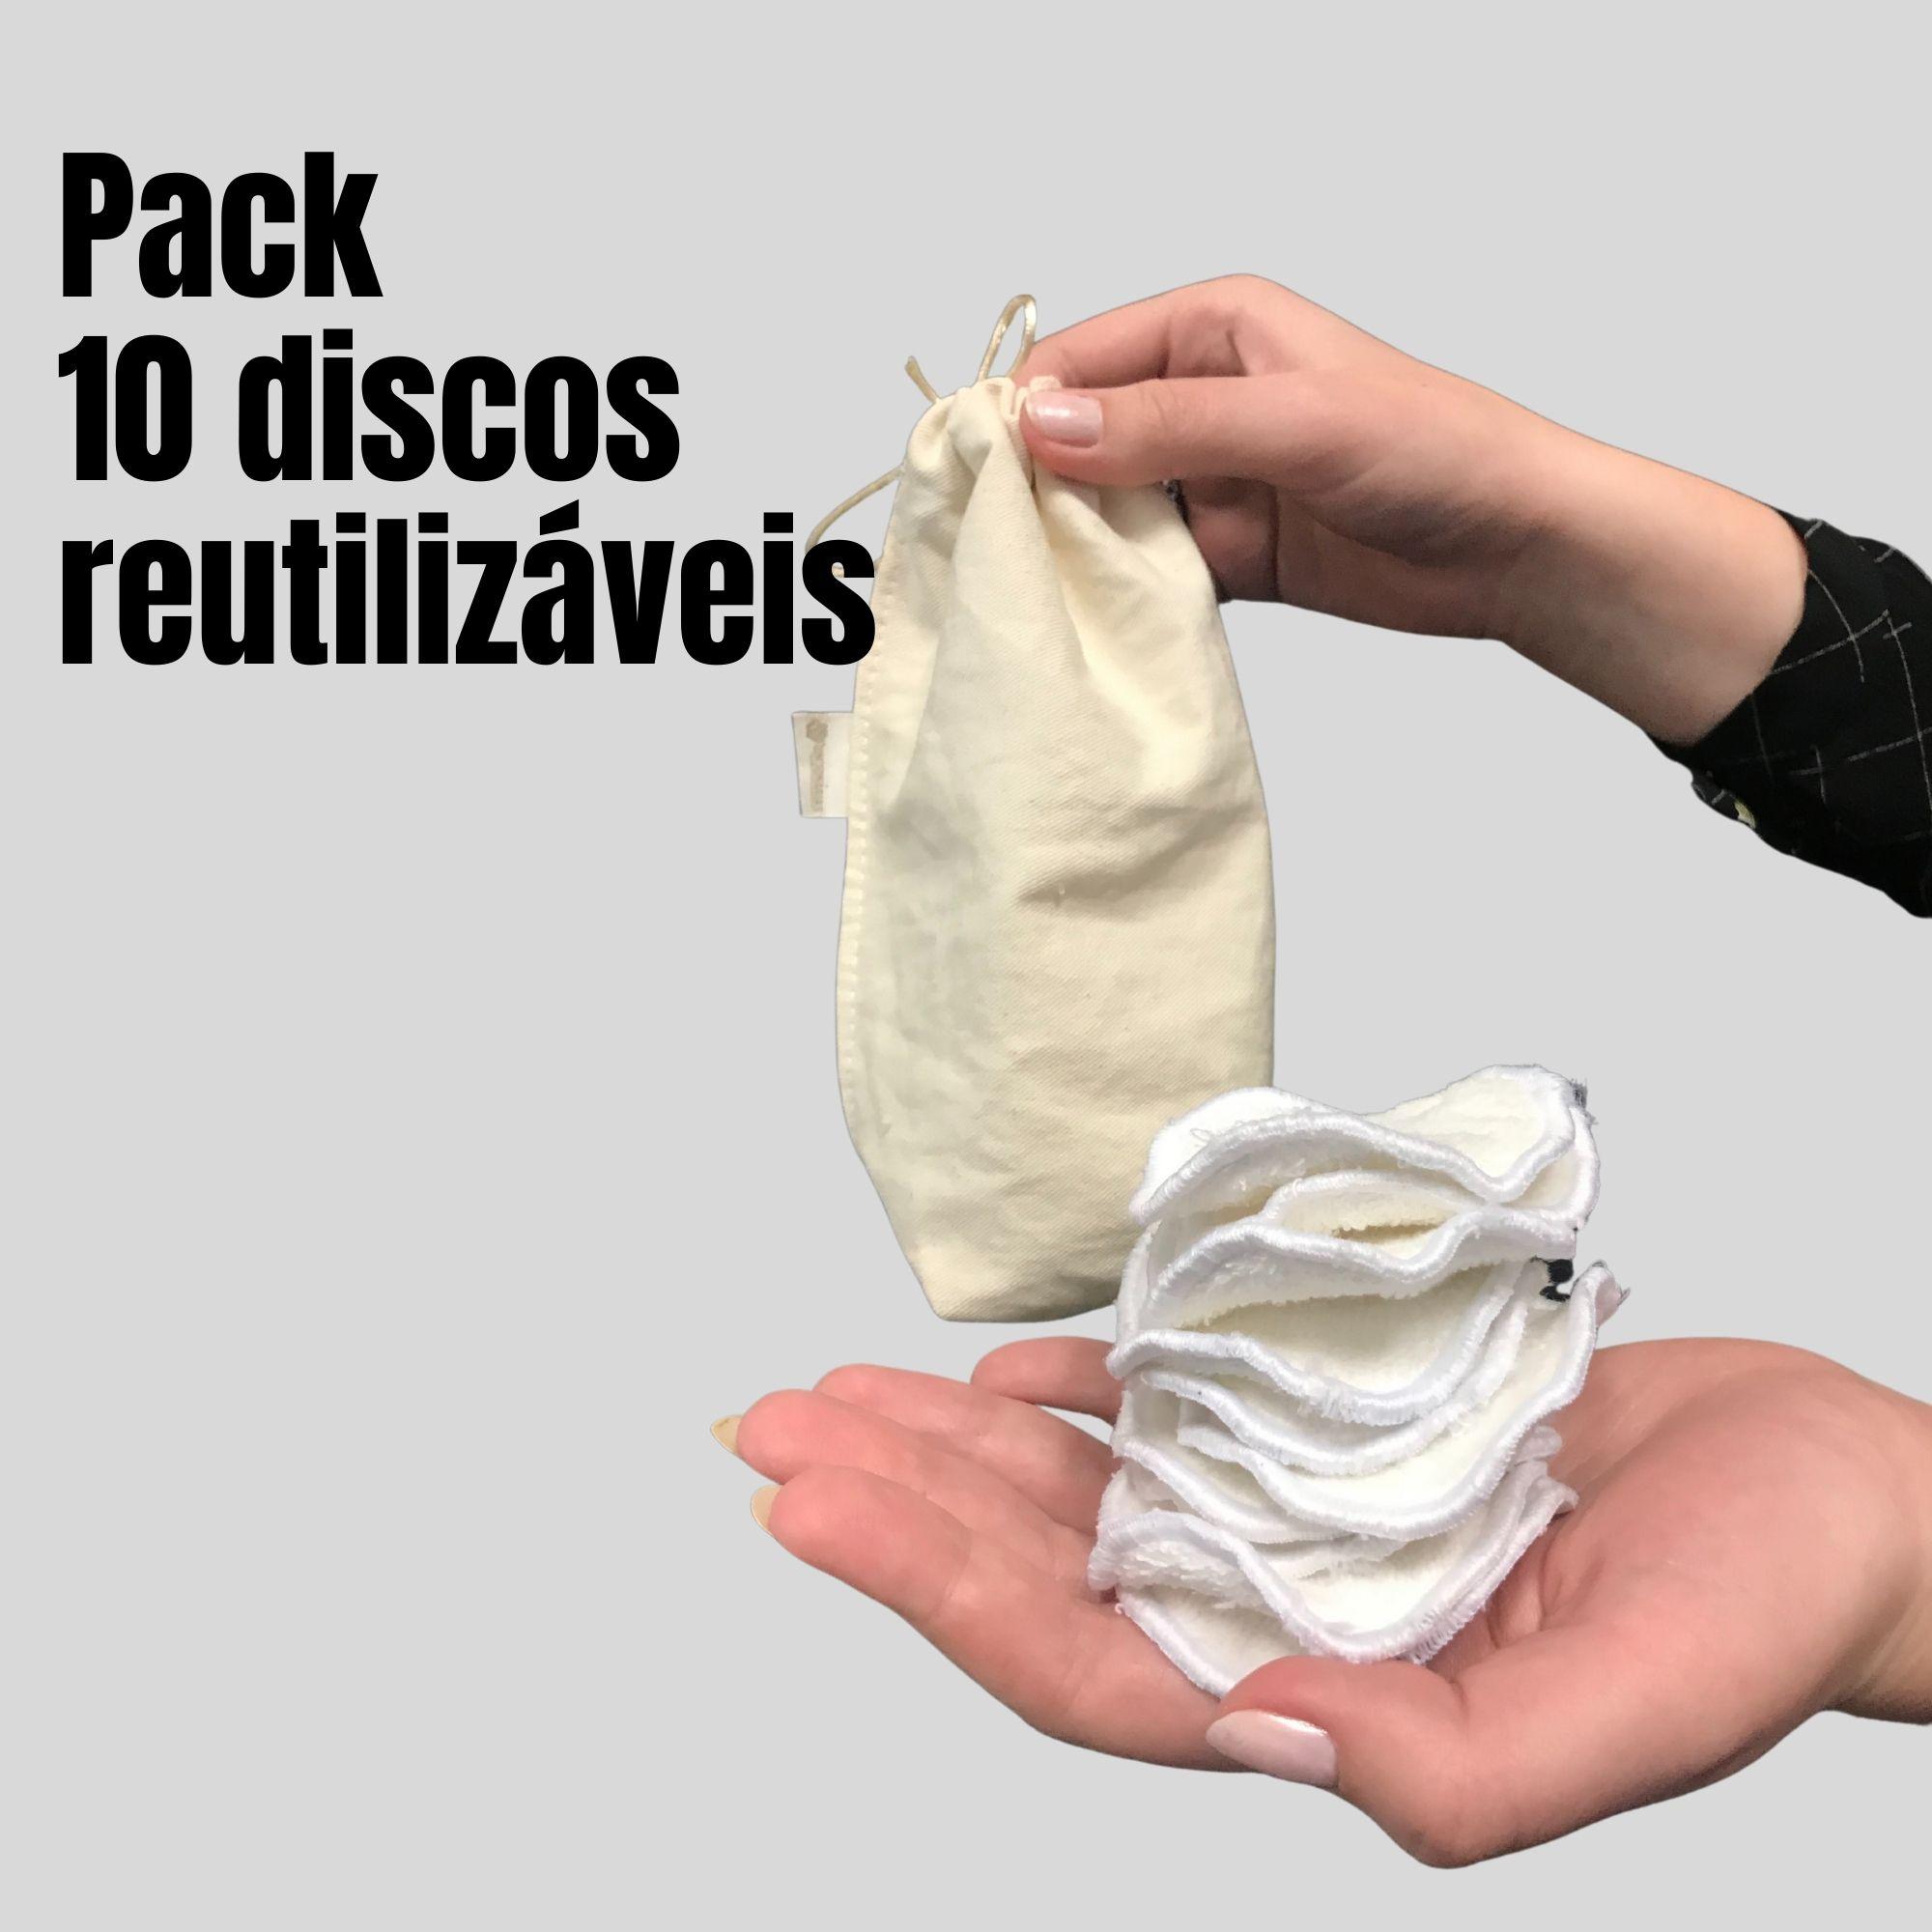 Comprou Espuma de Limpeza Facial, Levou Pack de discos reutilizáveis